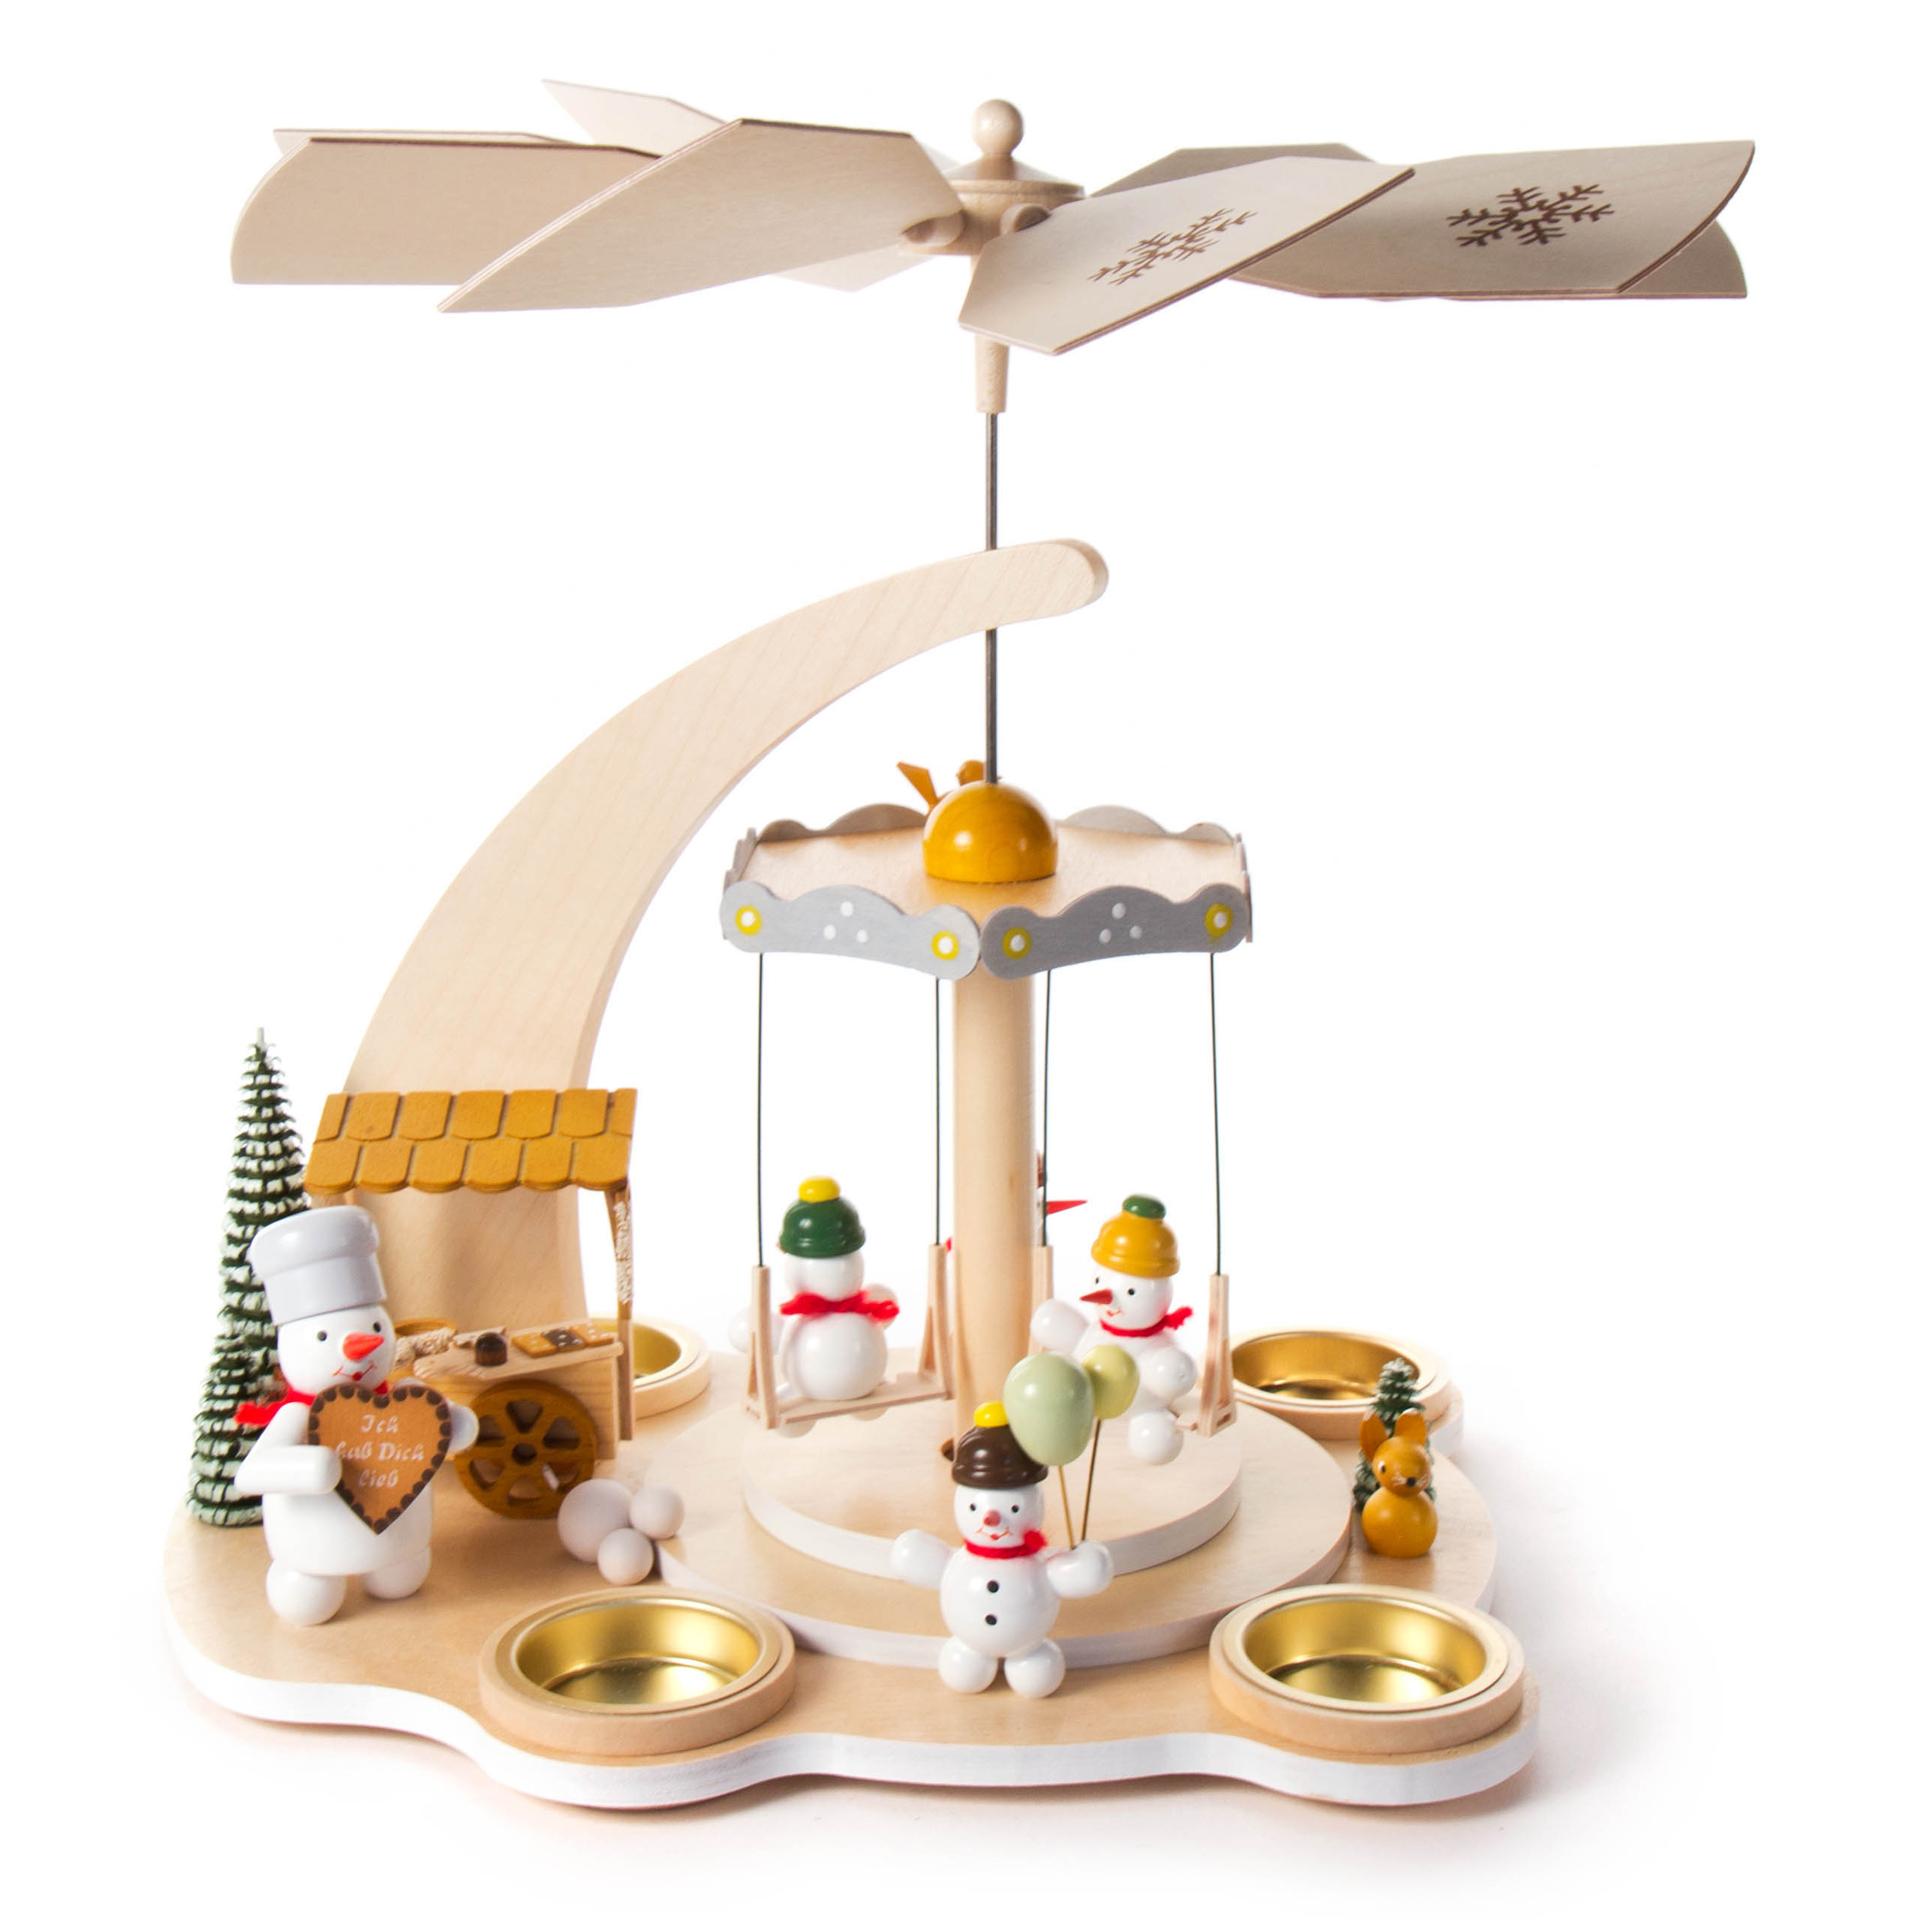 Pyramide Schneemann-Karusell, für Teelichte